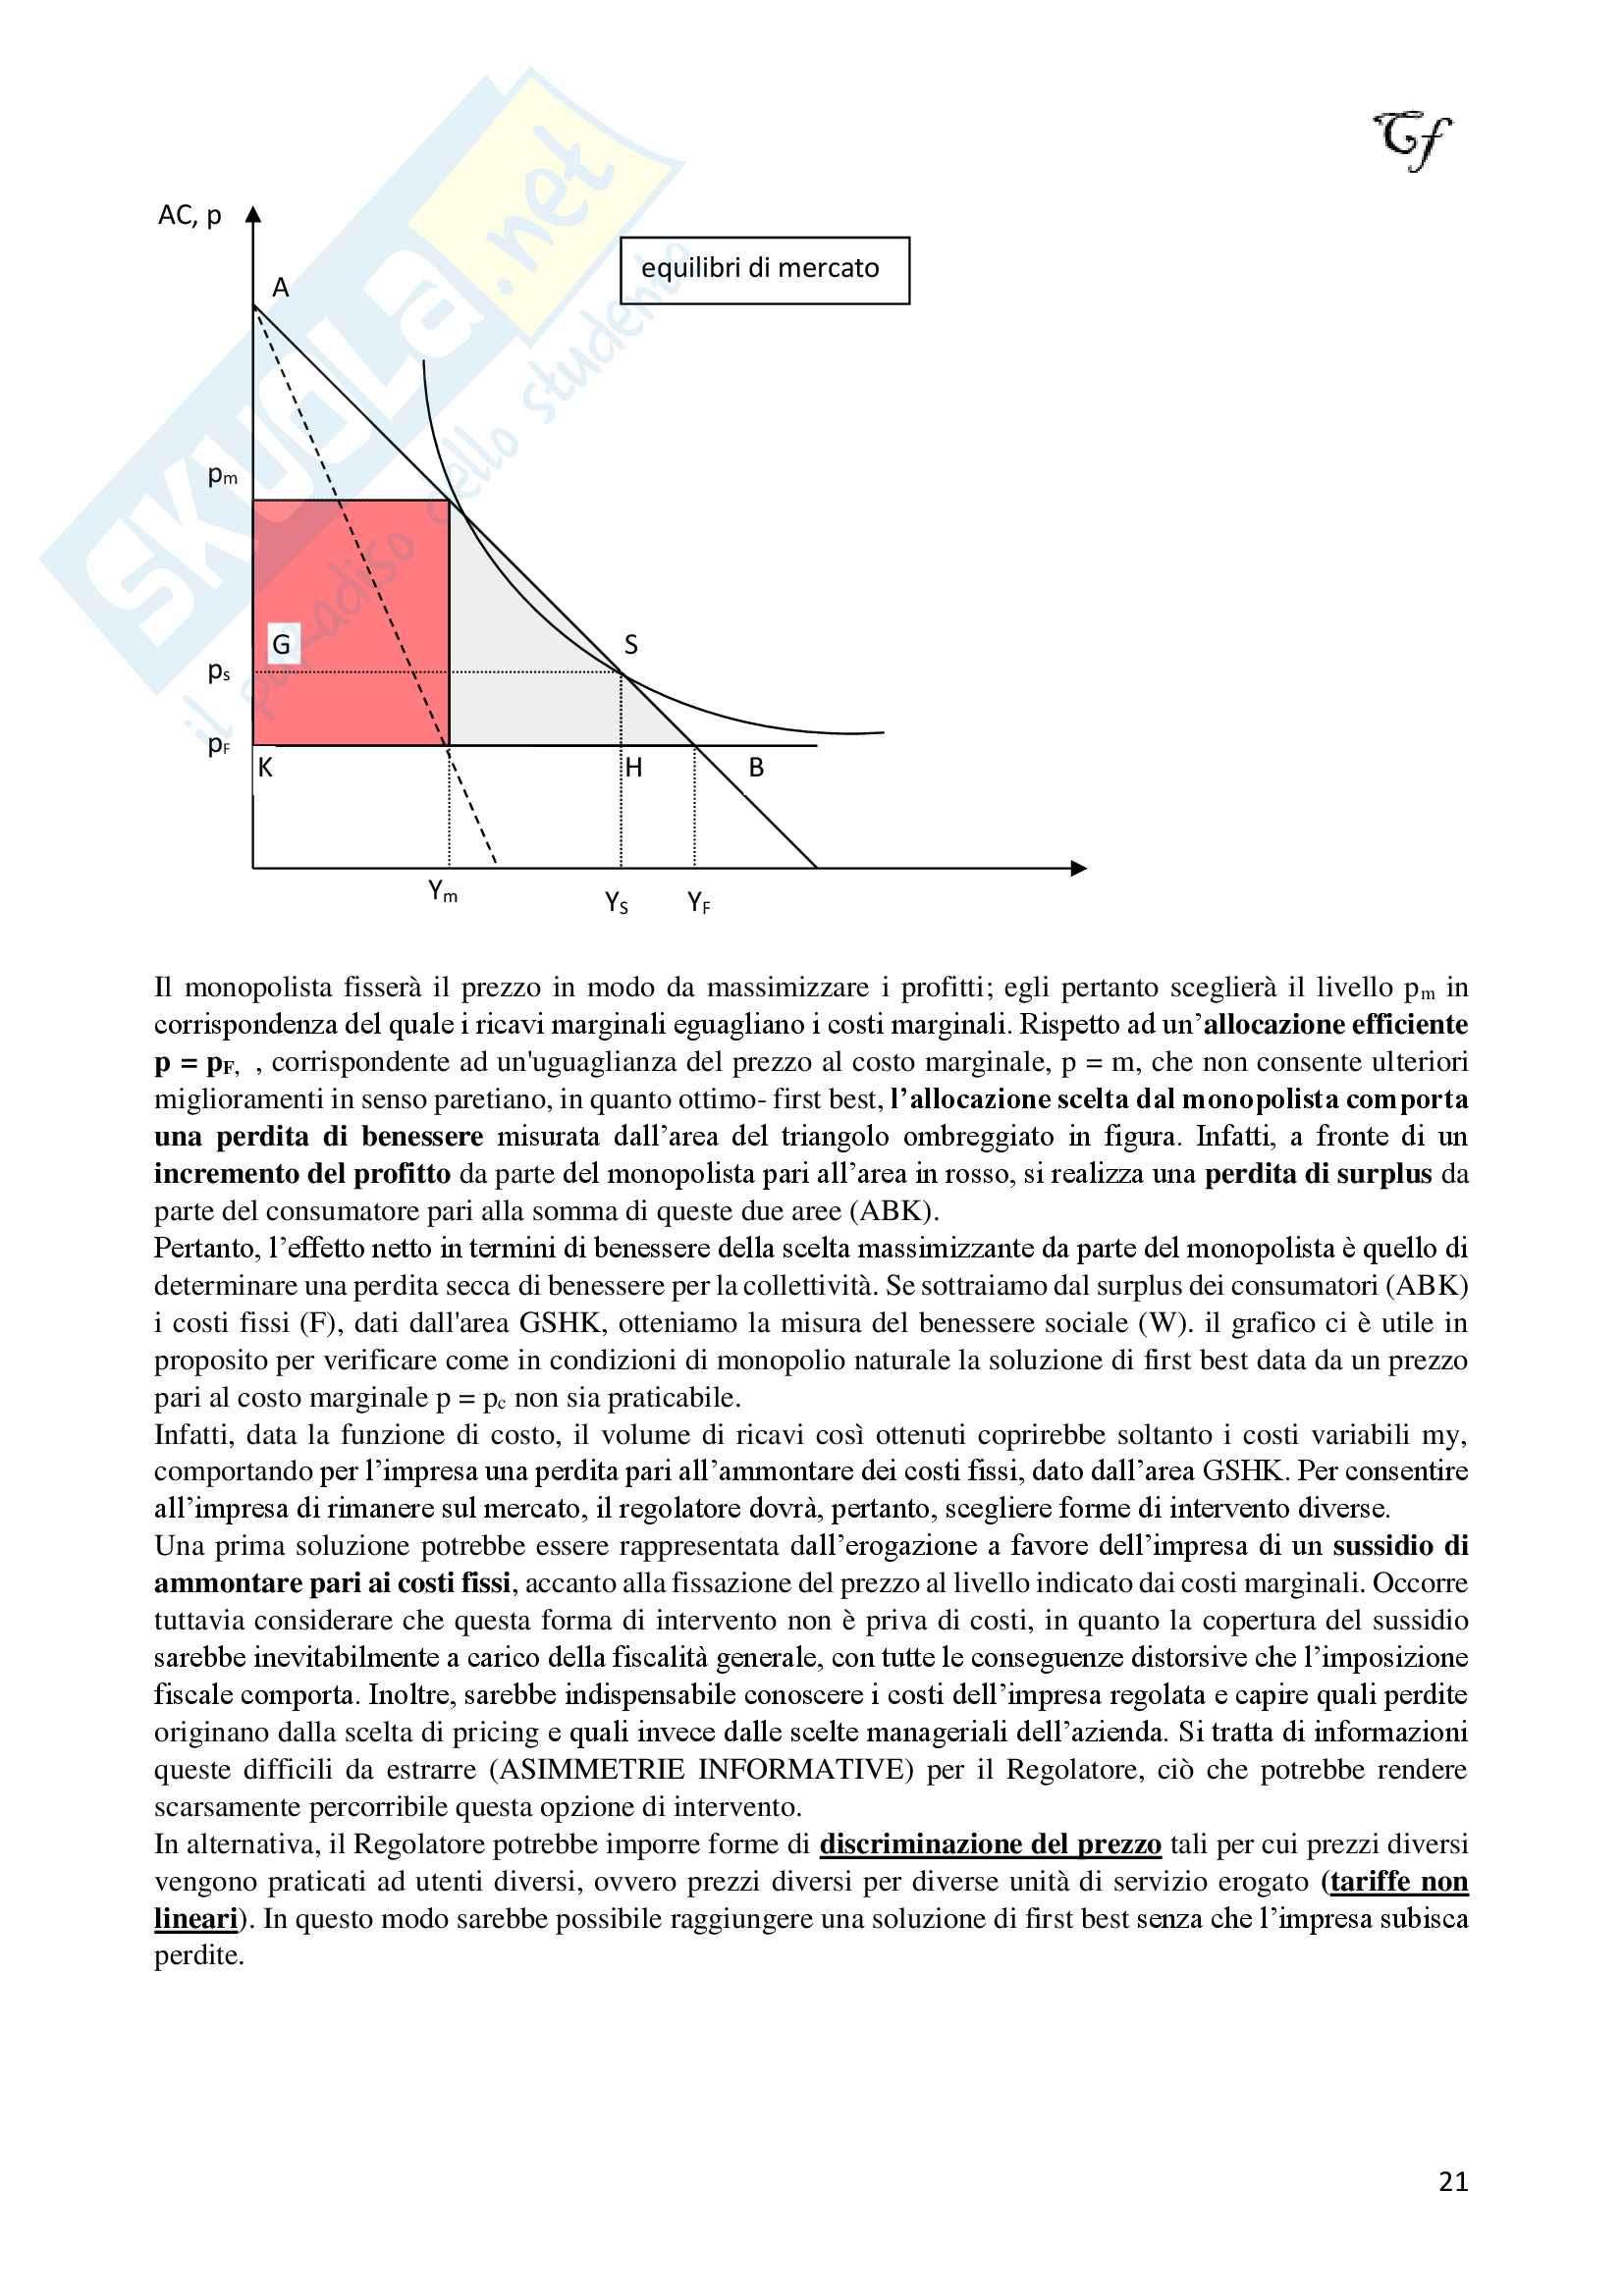 Economia e politica industriale C A Pag. 21